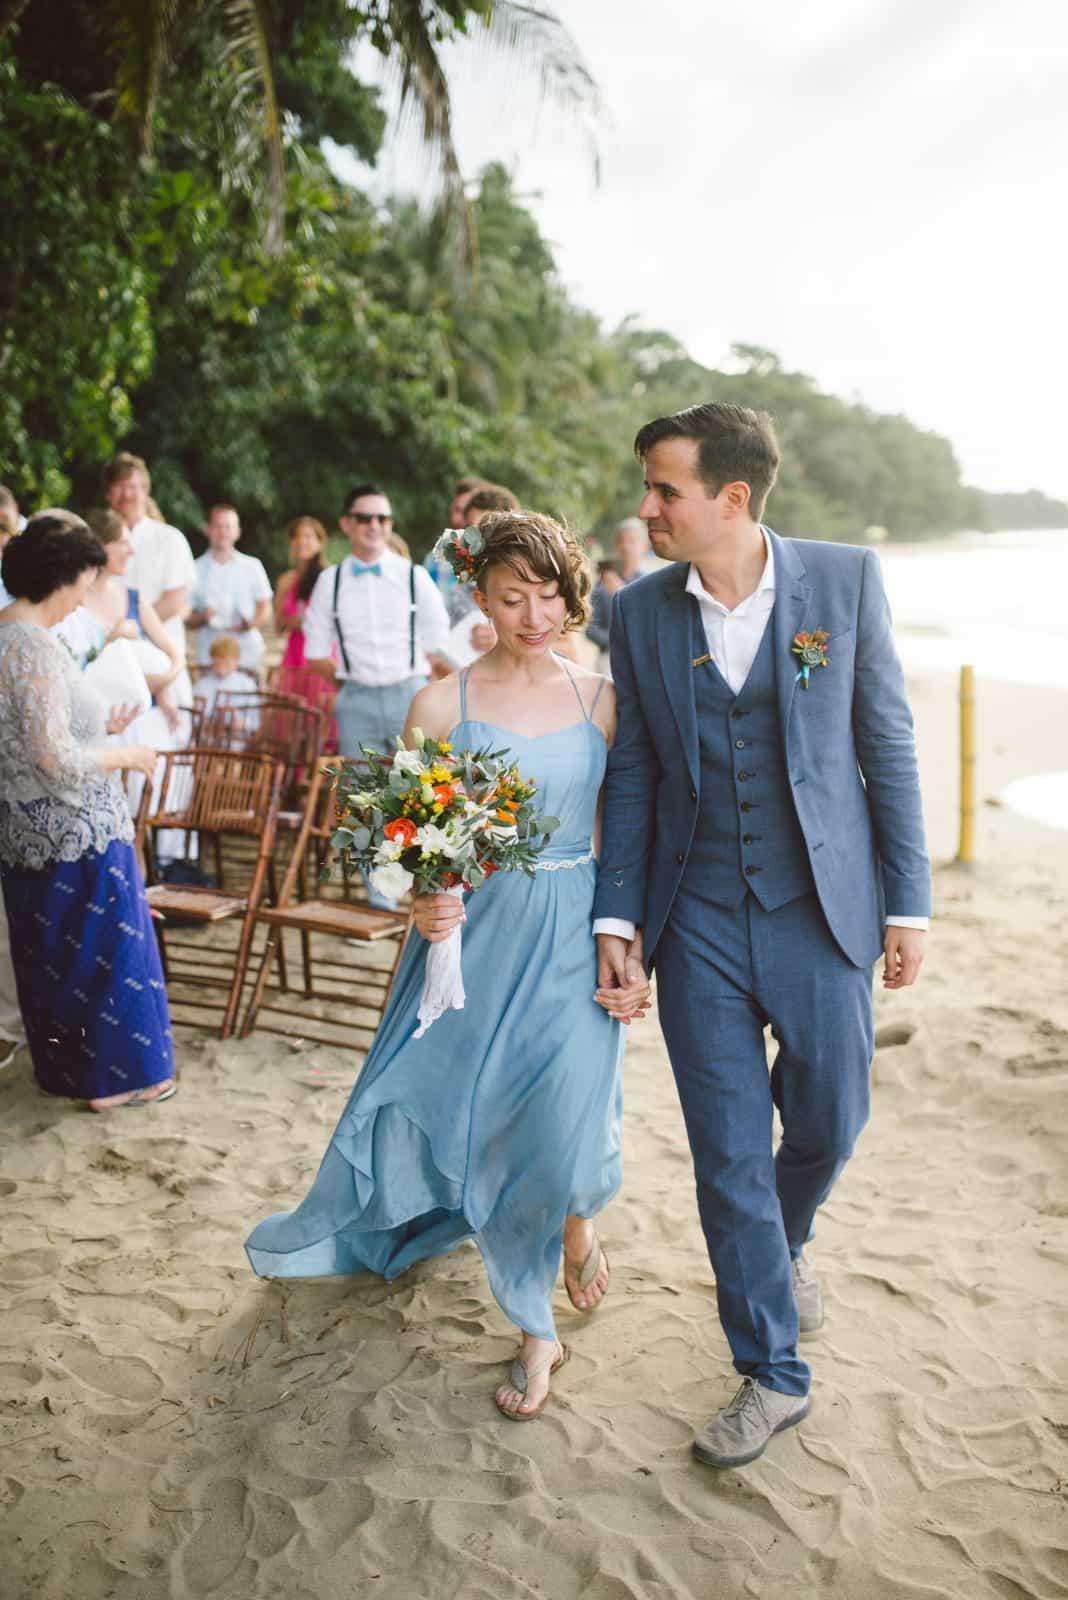 blue wedding dress by Larimeloom